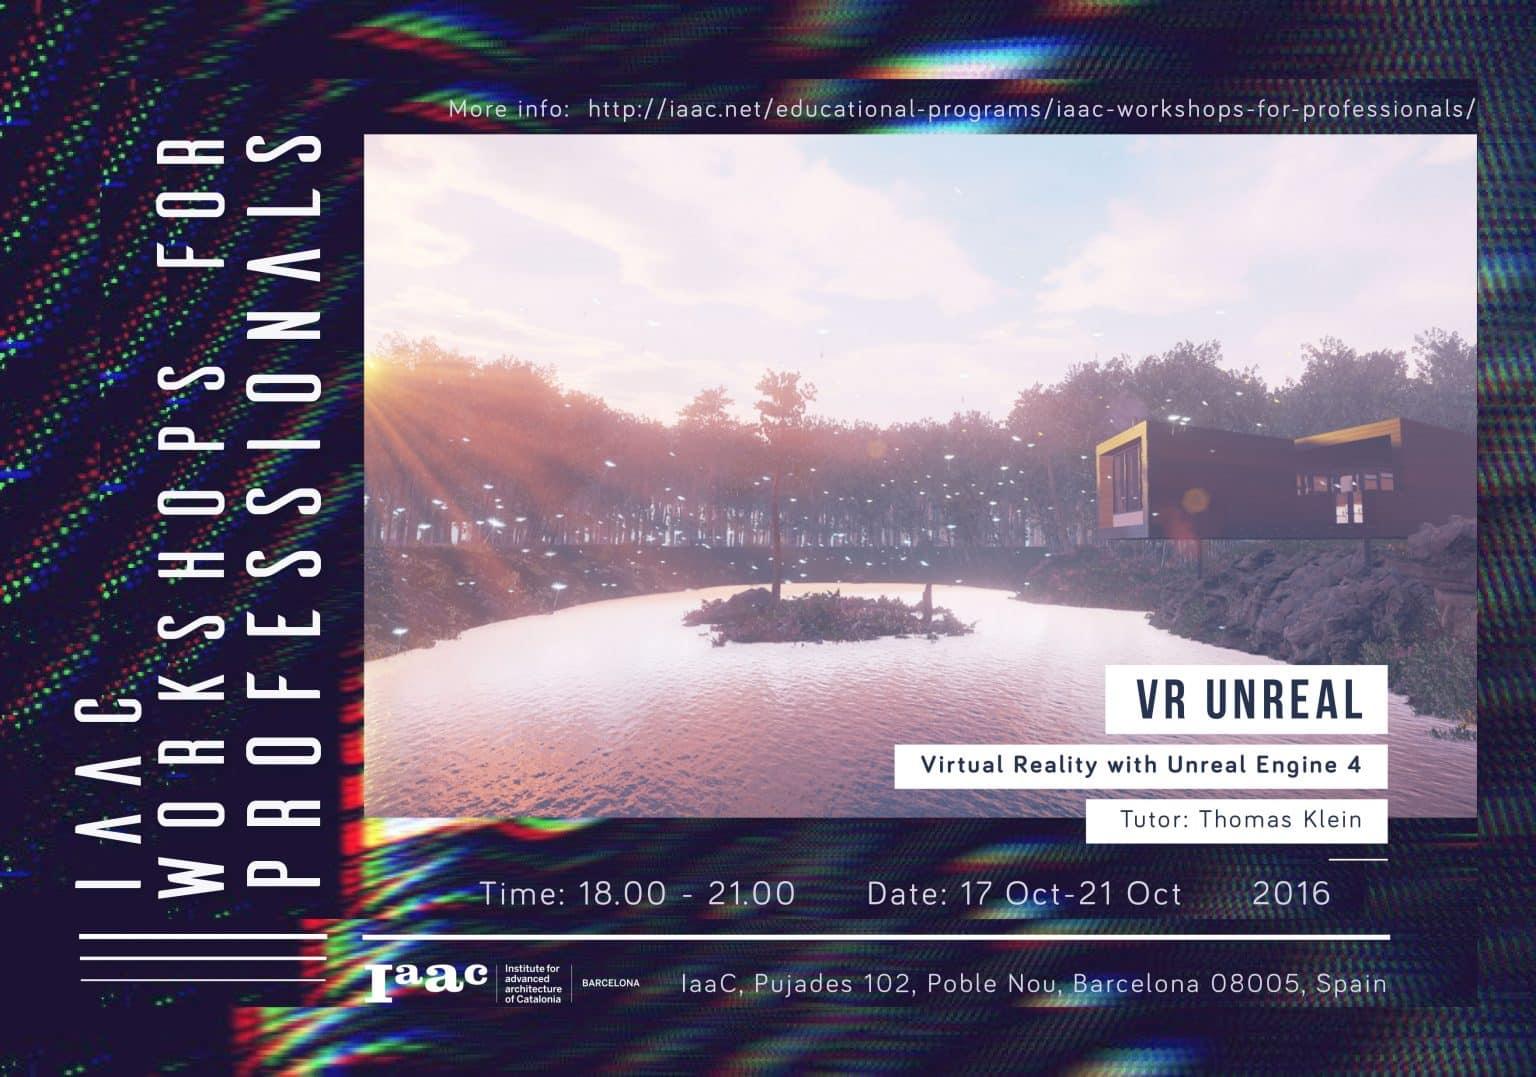 VR Unreal - IAAC